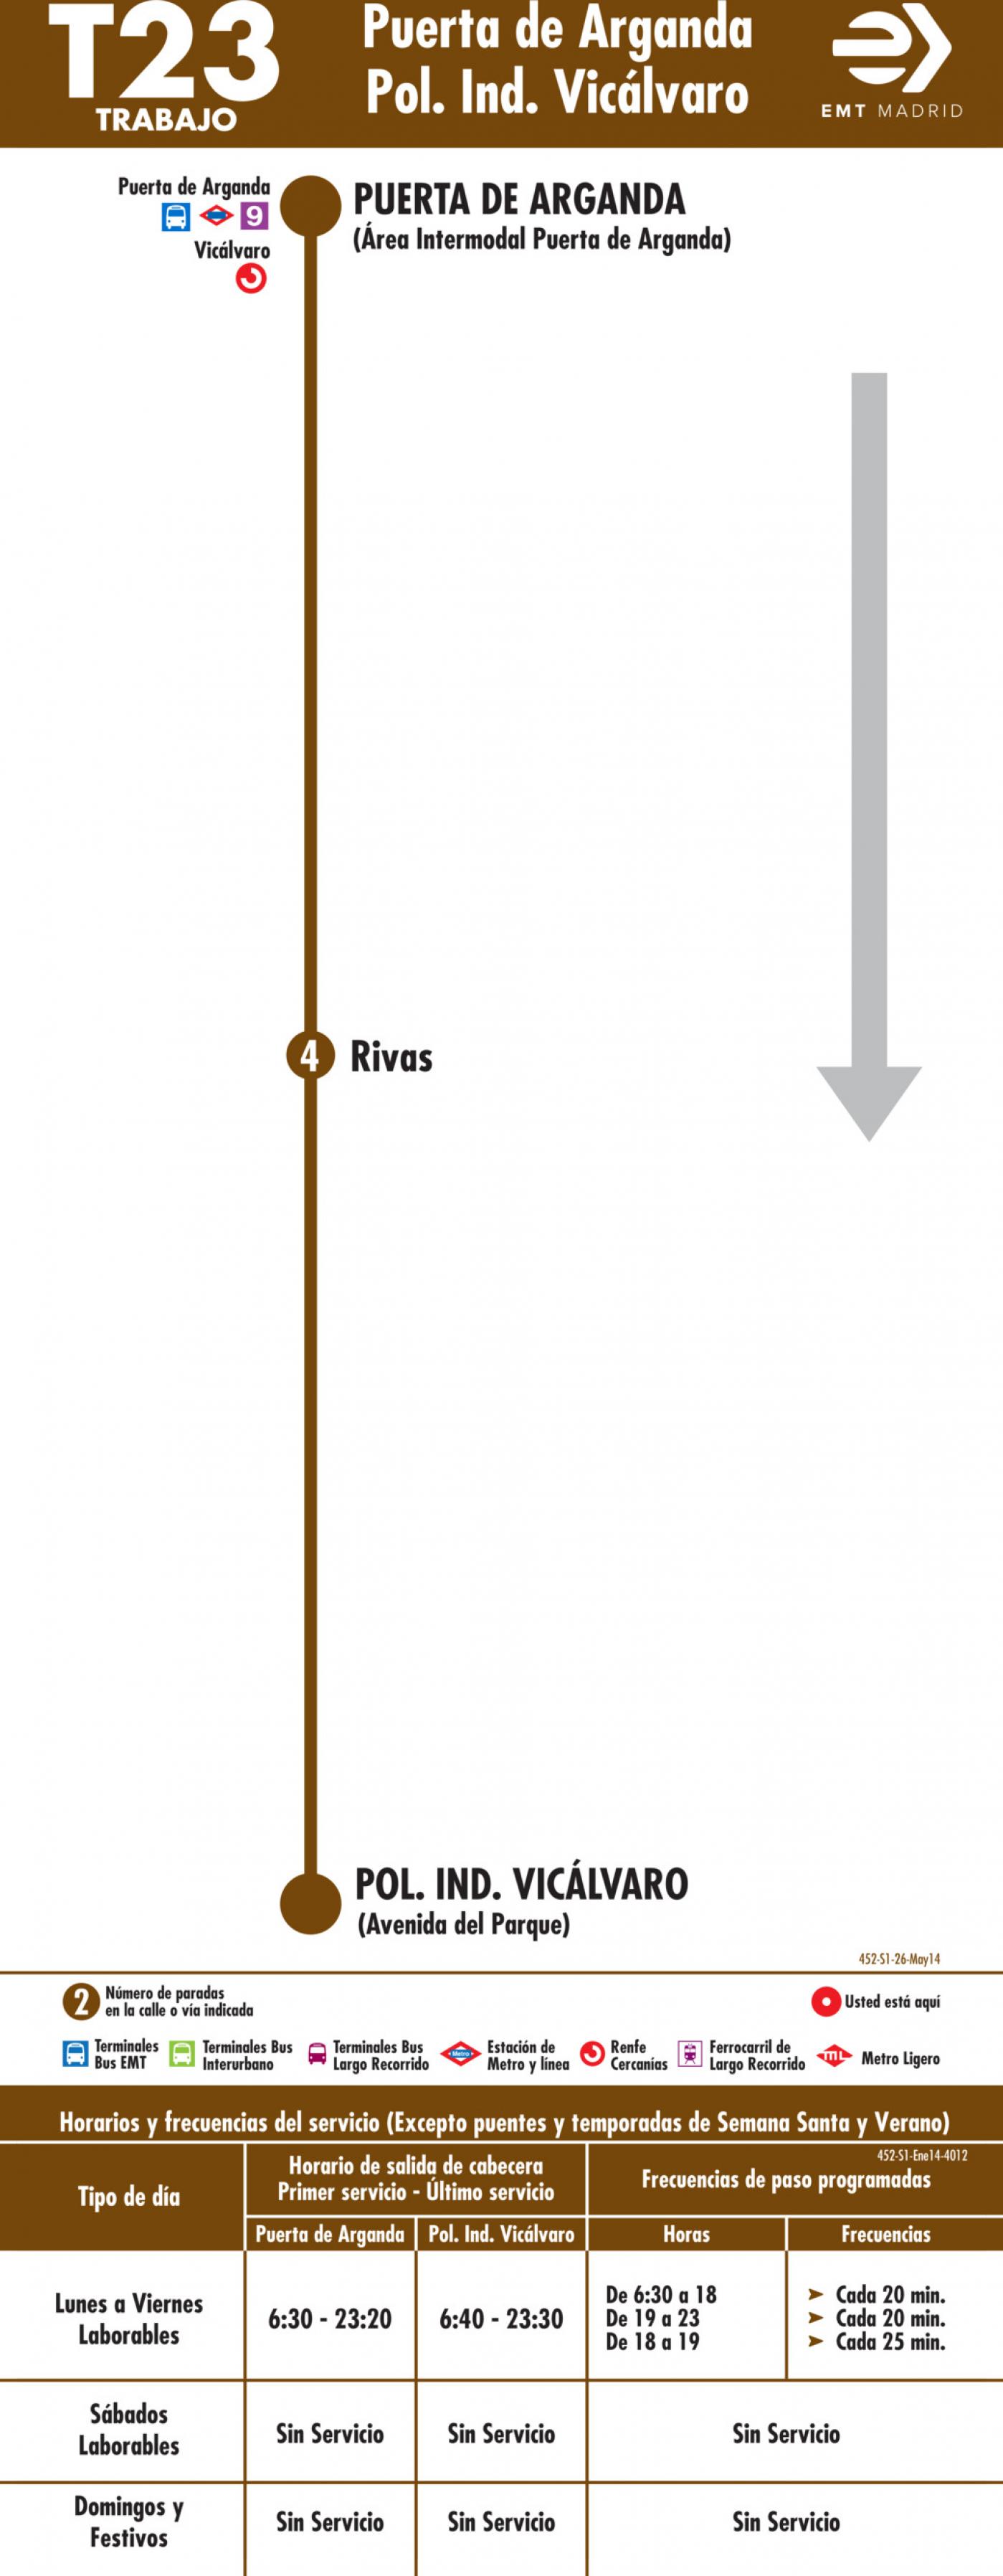 Tabla de horarios y frecuencias de paso en sentido ida Línea T23: Puerta de Arganda - Polígono Industrial de Vicálvaro